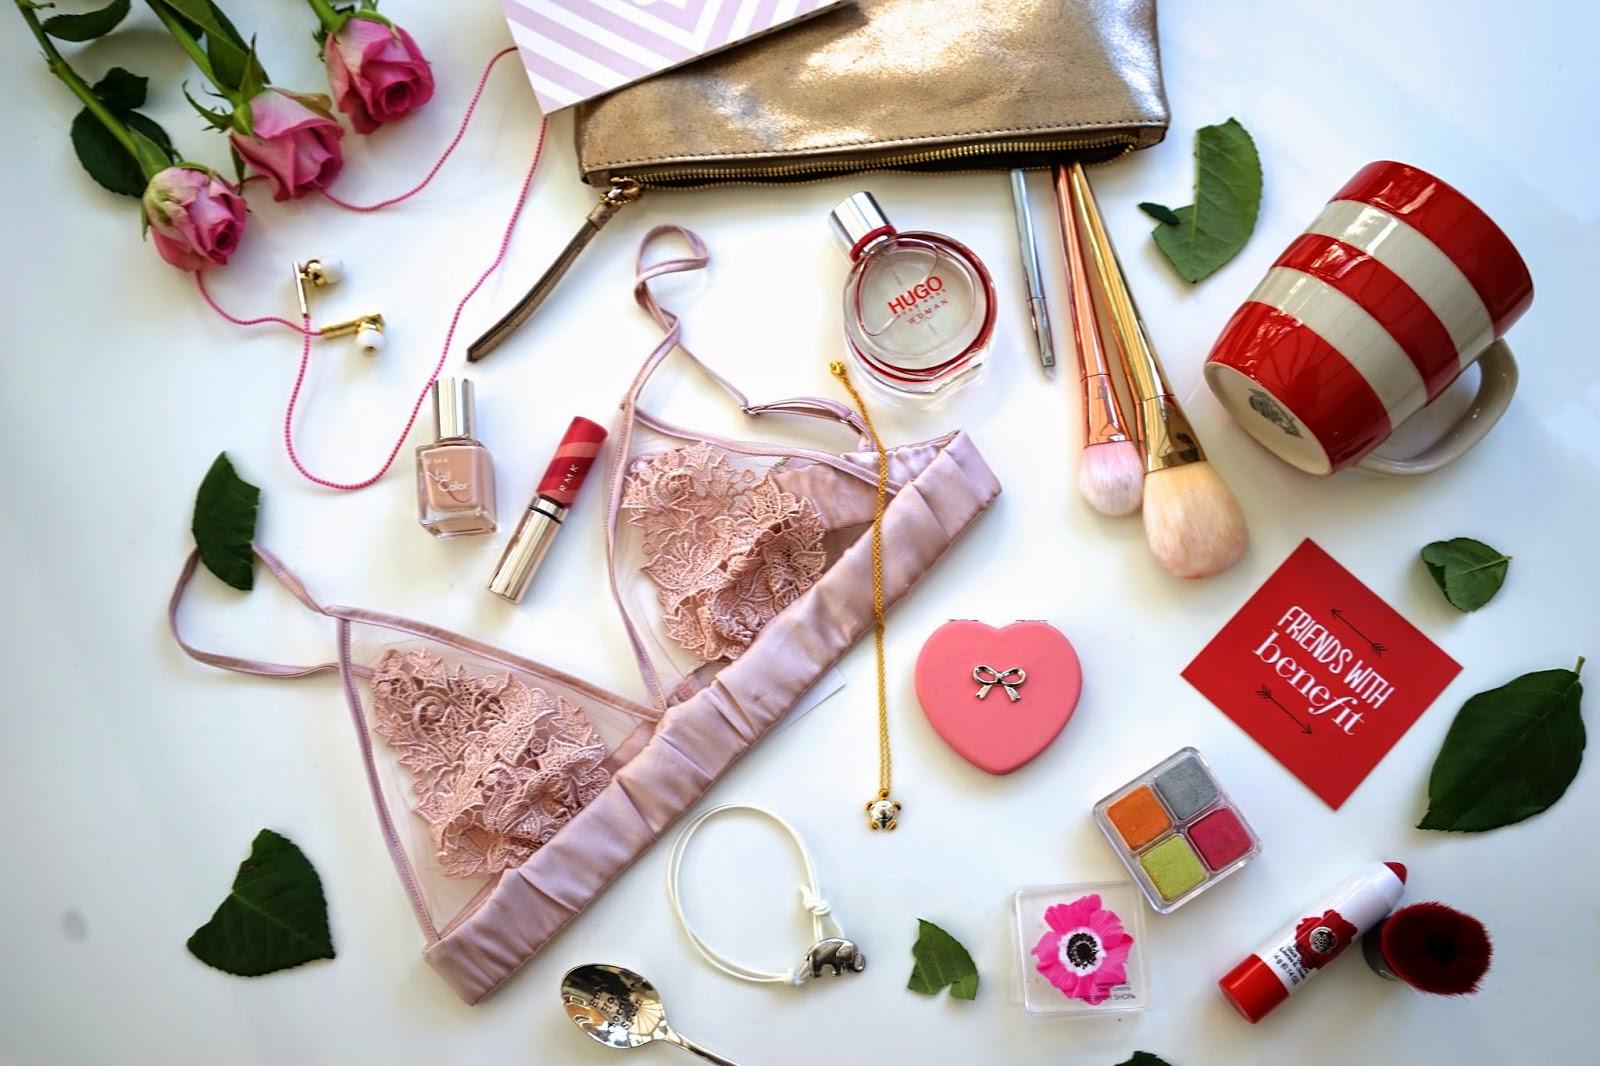 Online Valentine Gift Ideas  Emtalks Valentines Gift Ideas For Him & Her